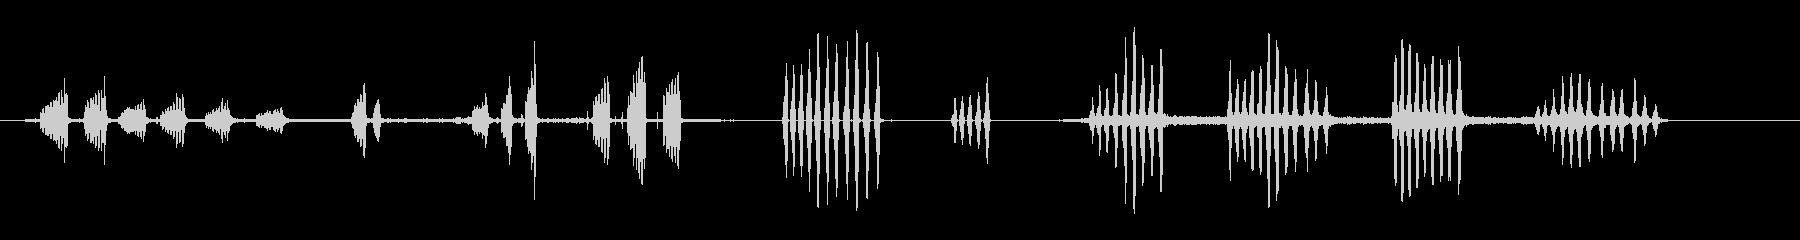 チョウゲンボウの未再生の波形